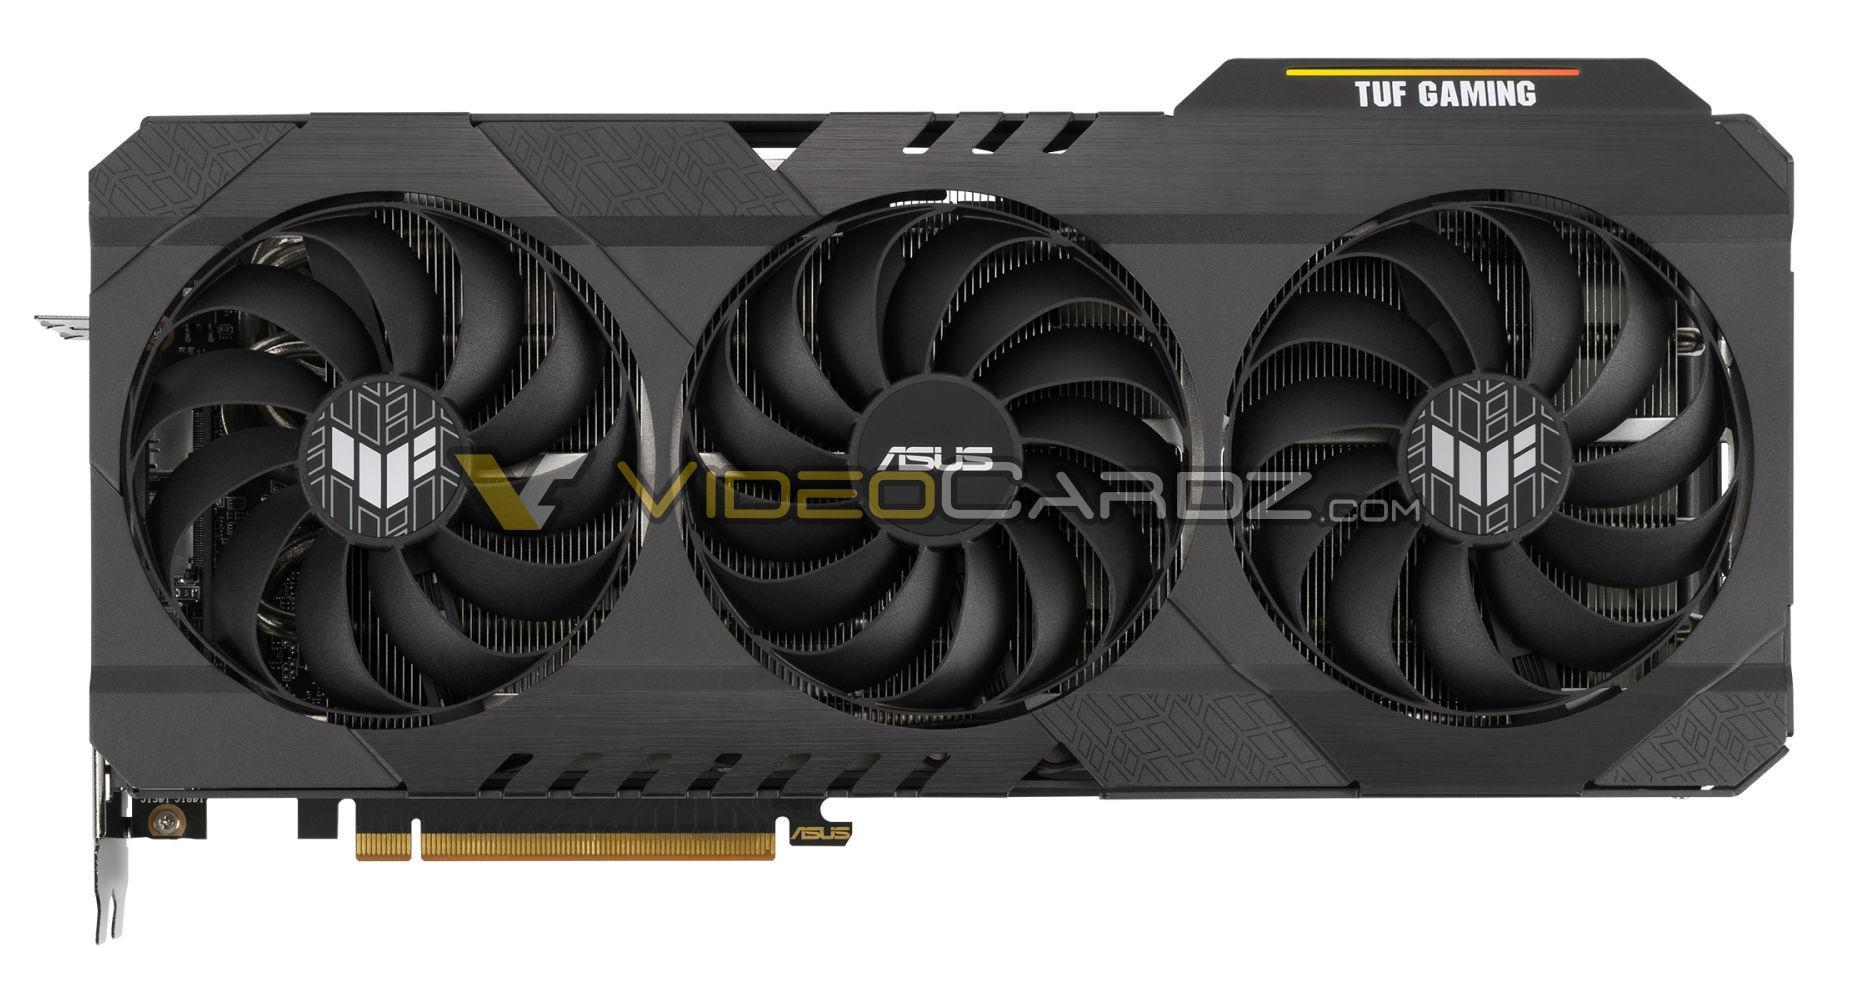 Asus Radeon Rx 6700 Tuf Gaming Oc 12go